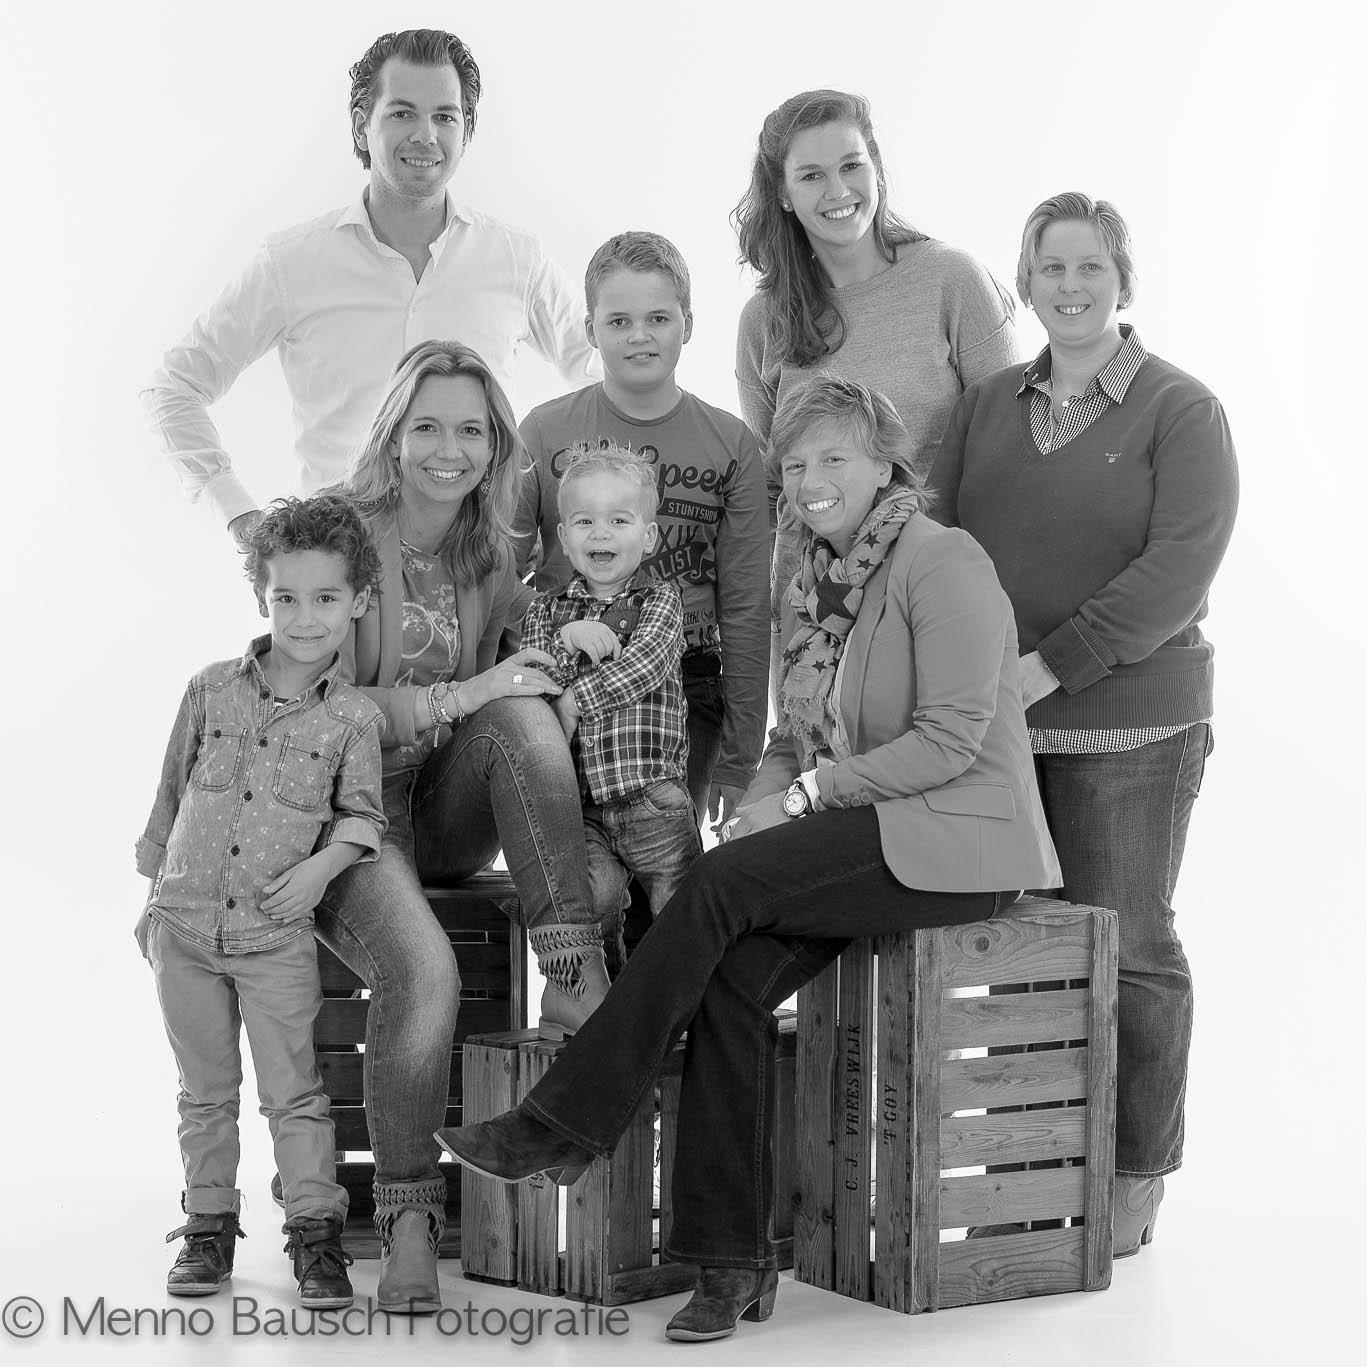 Menno Bausch Fotografie44